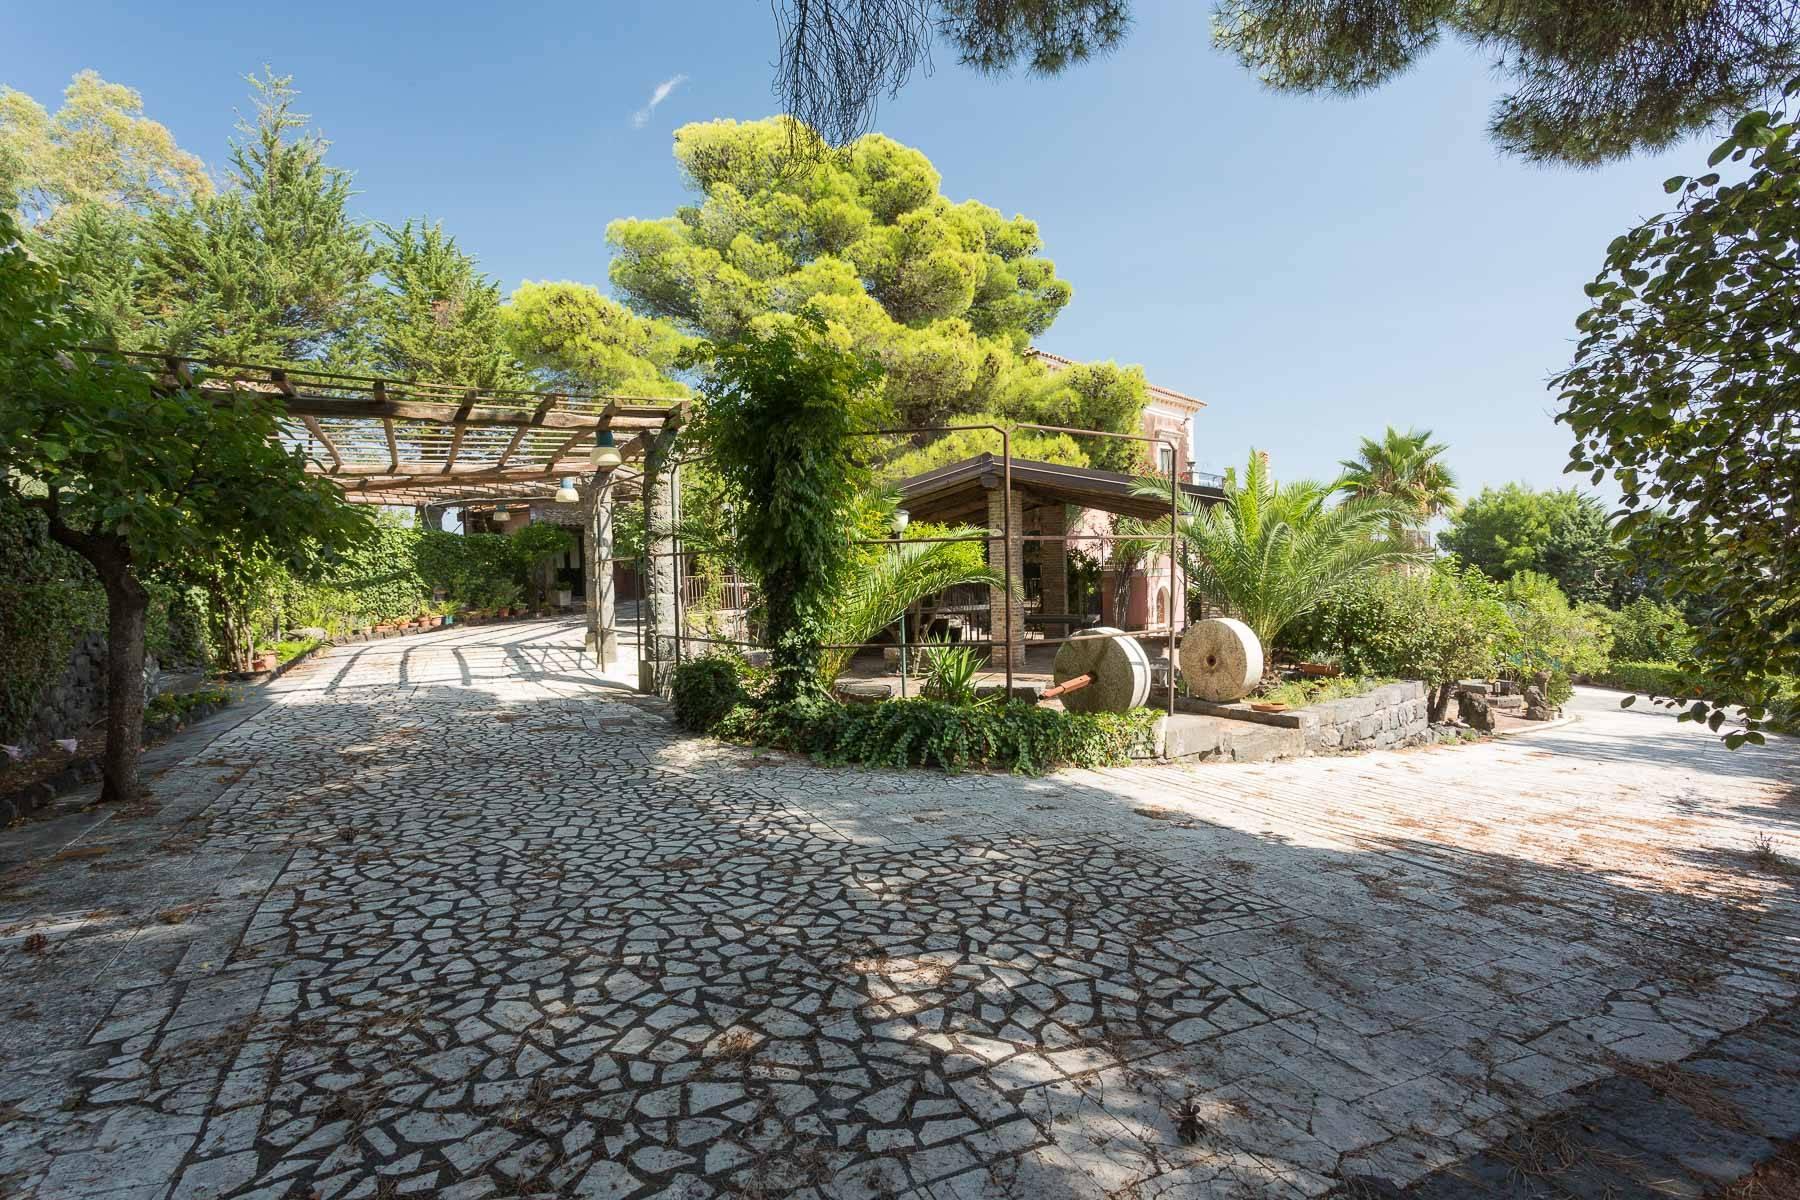 Villa padronale con terreno alle pendici dell'Etna - 4